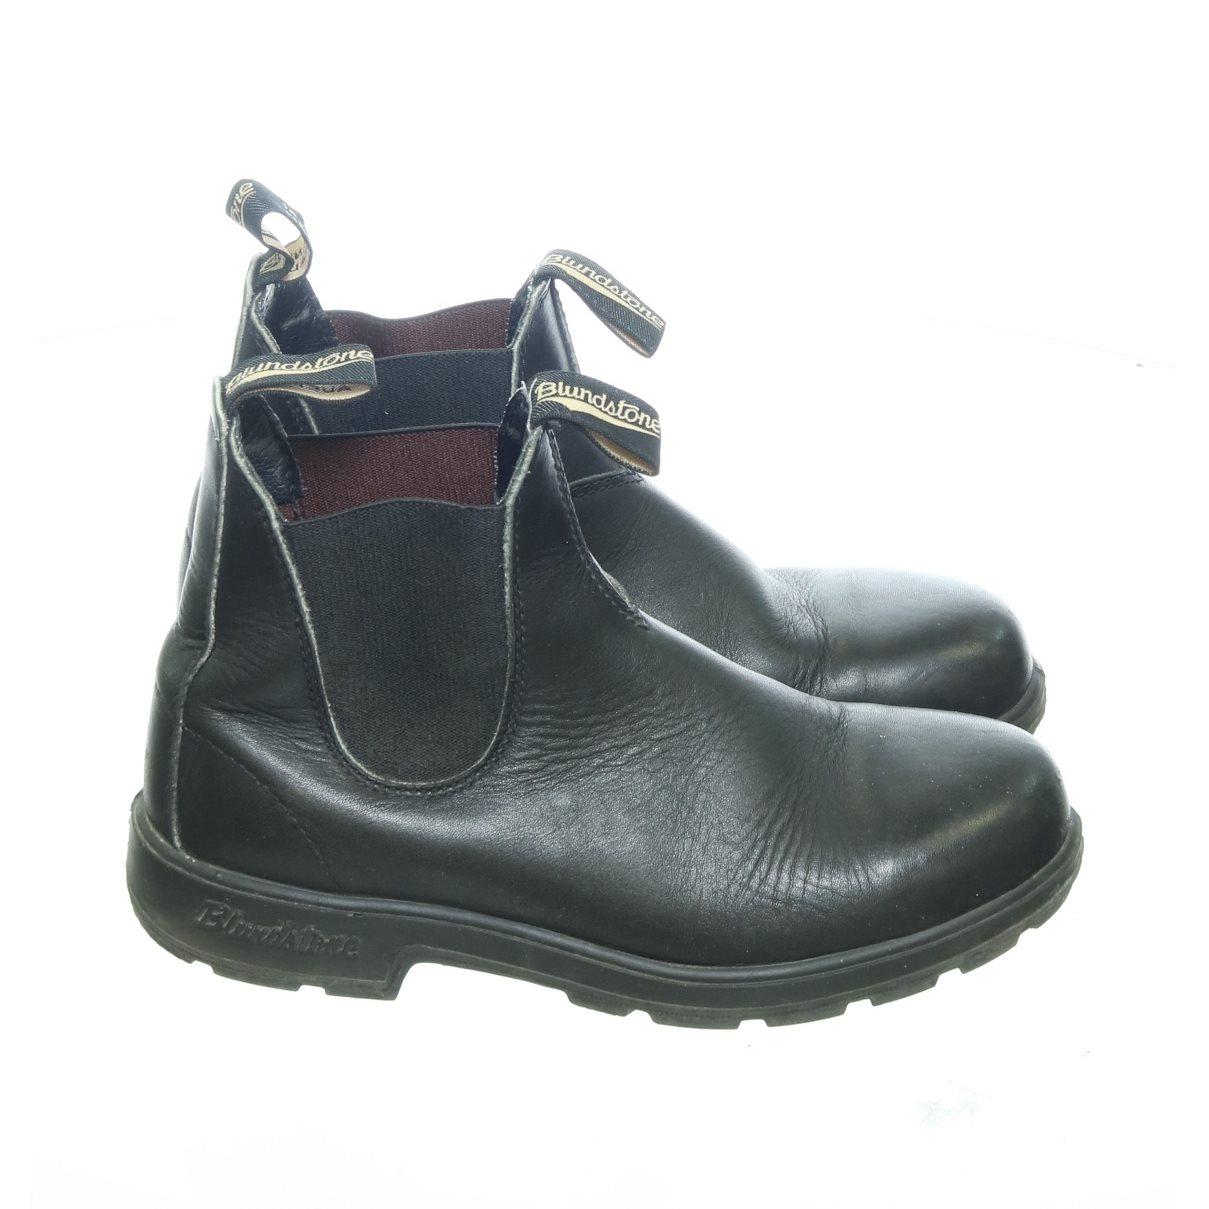 b2b51a2017a Blundstone, Boots, Strl: 38, Svart (337913514) ᐈ Sellpy på Tradera